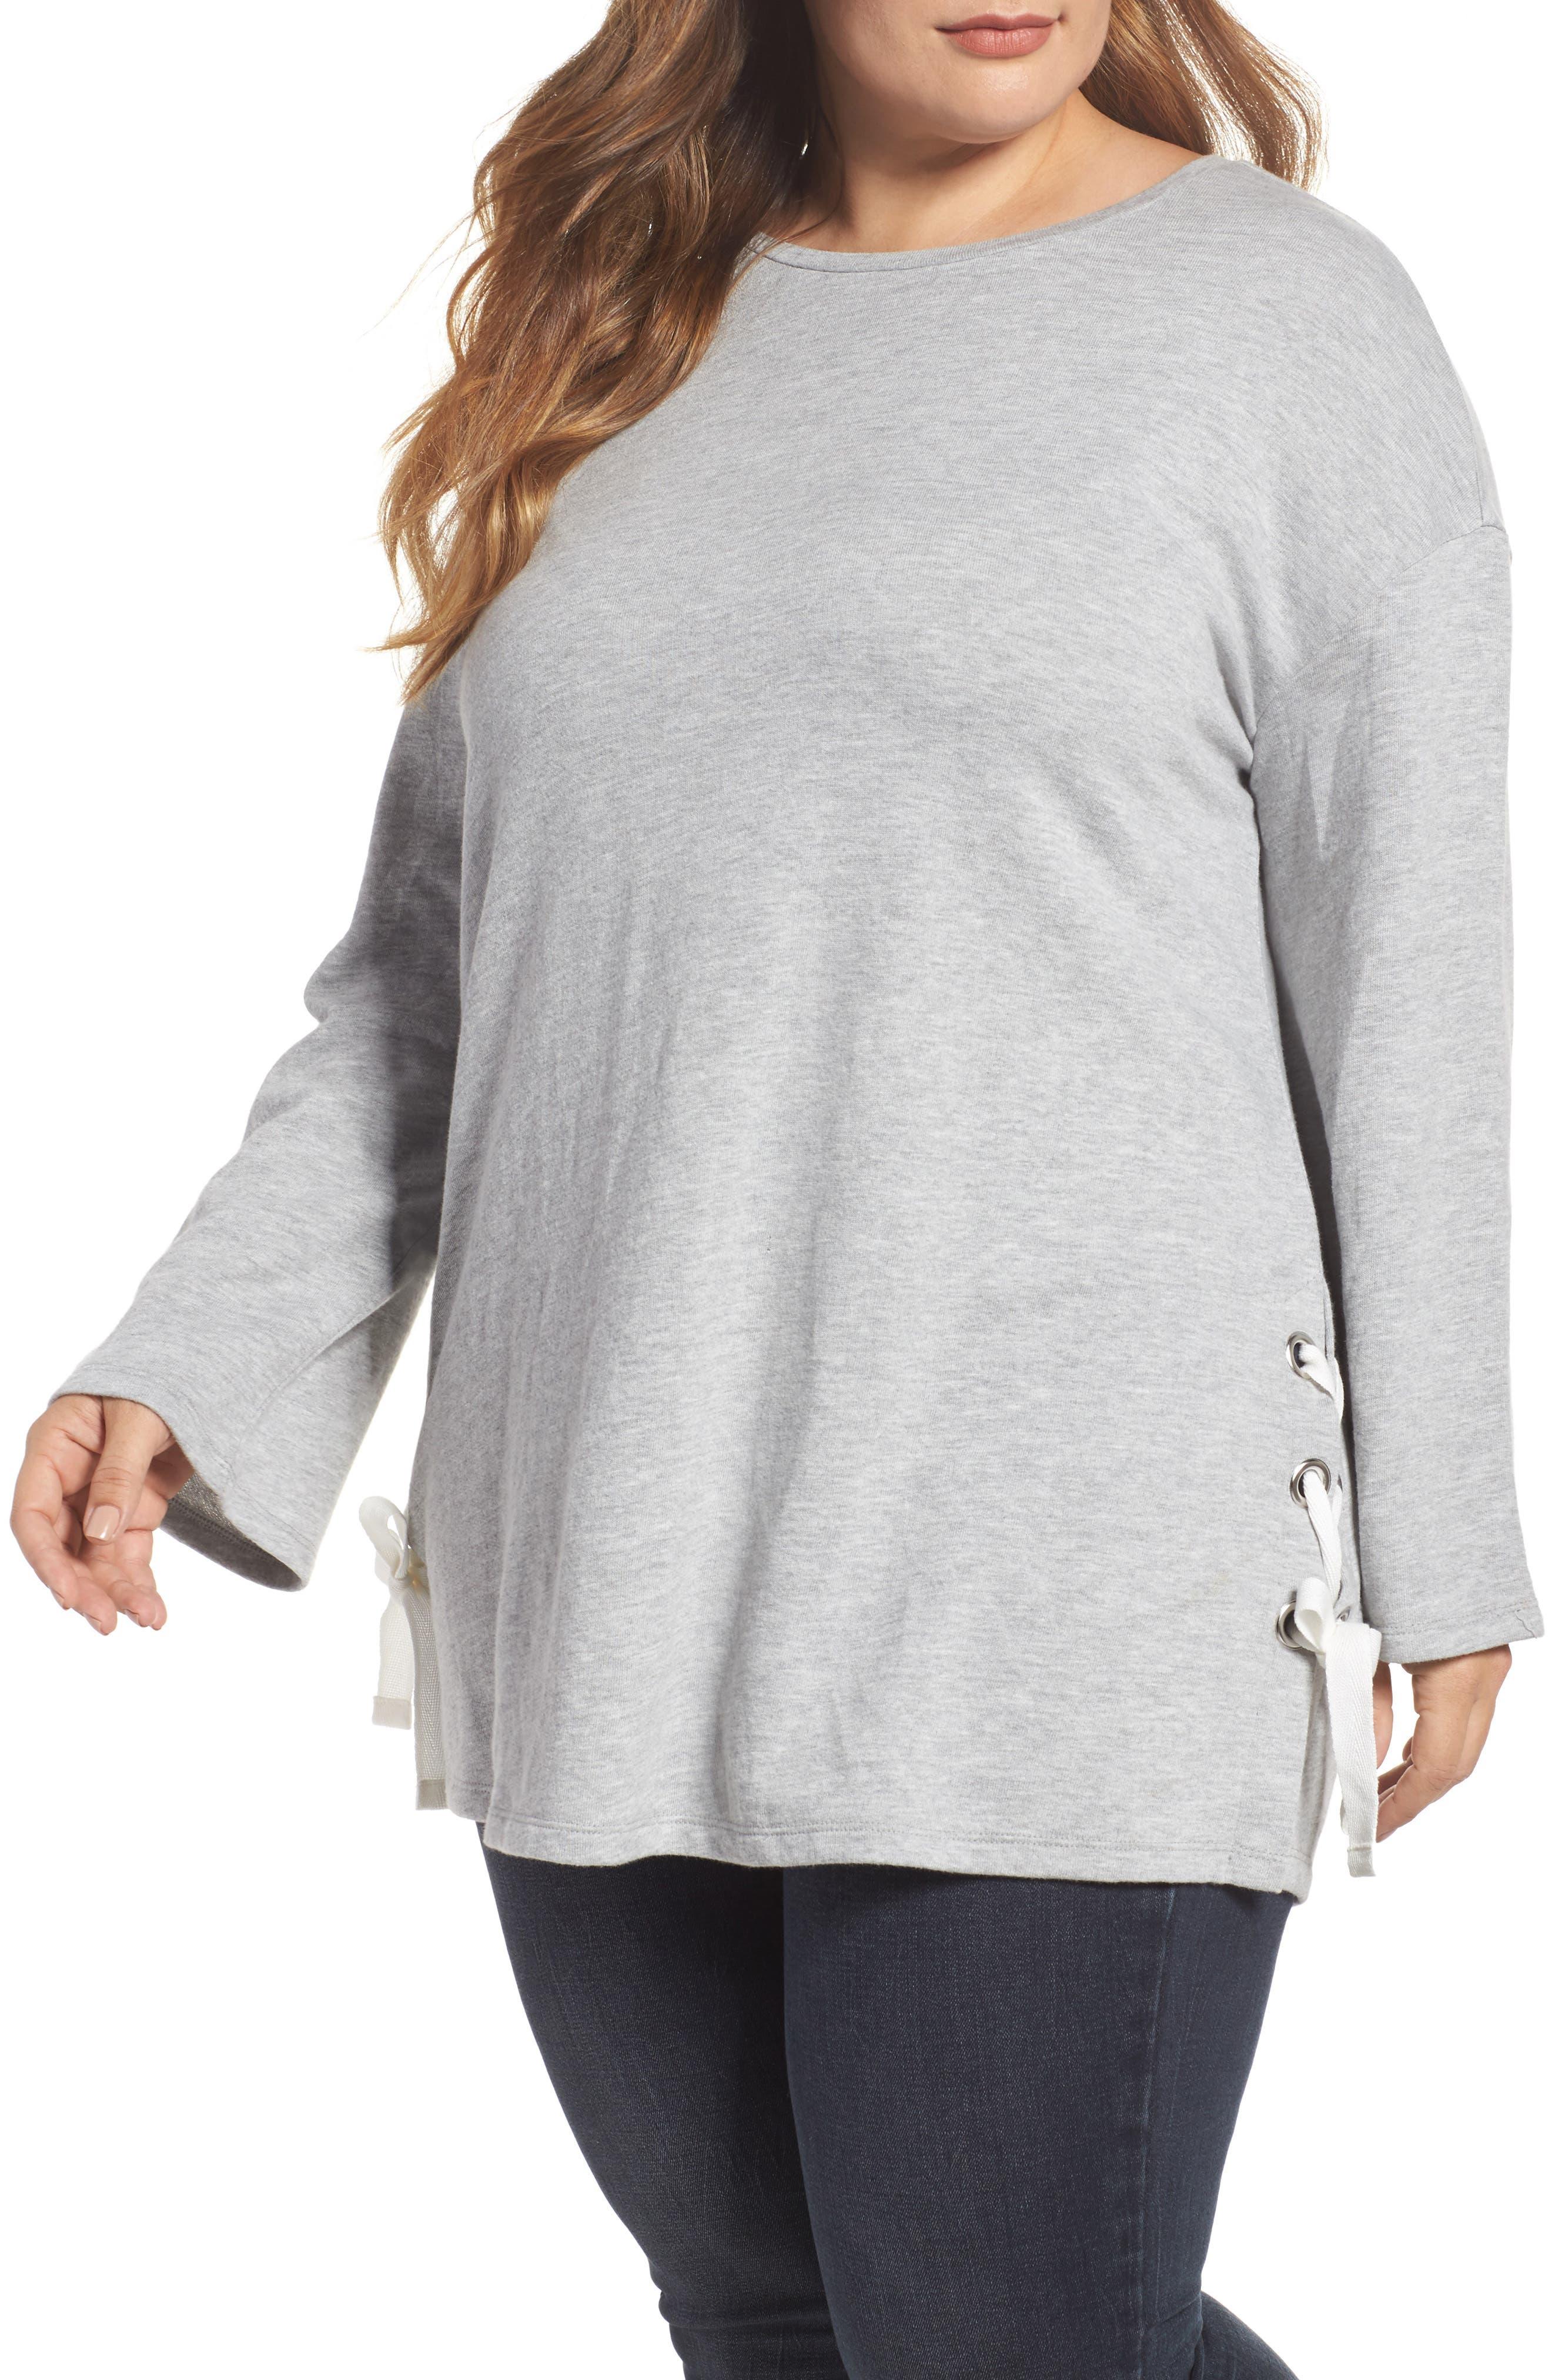 Caslon® Lace-Up Side Sweatshirt (Plus Size)